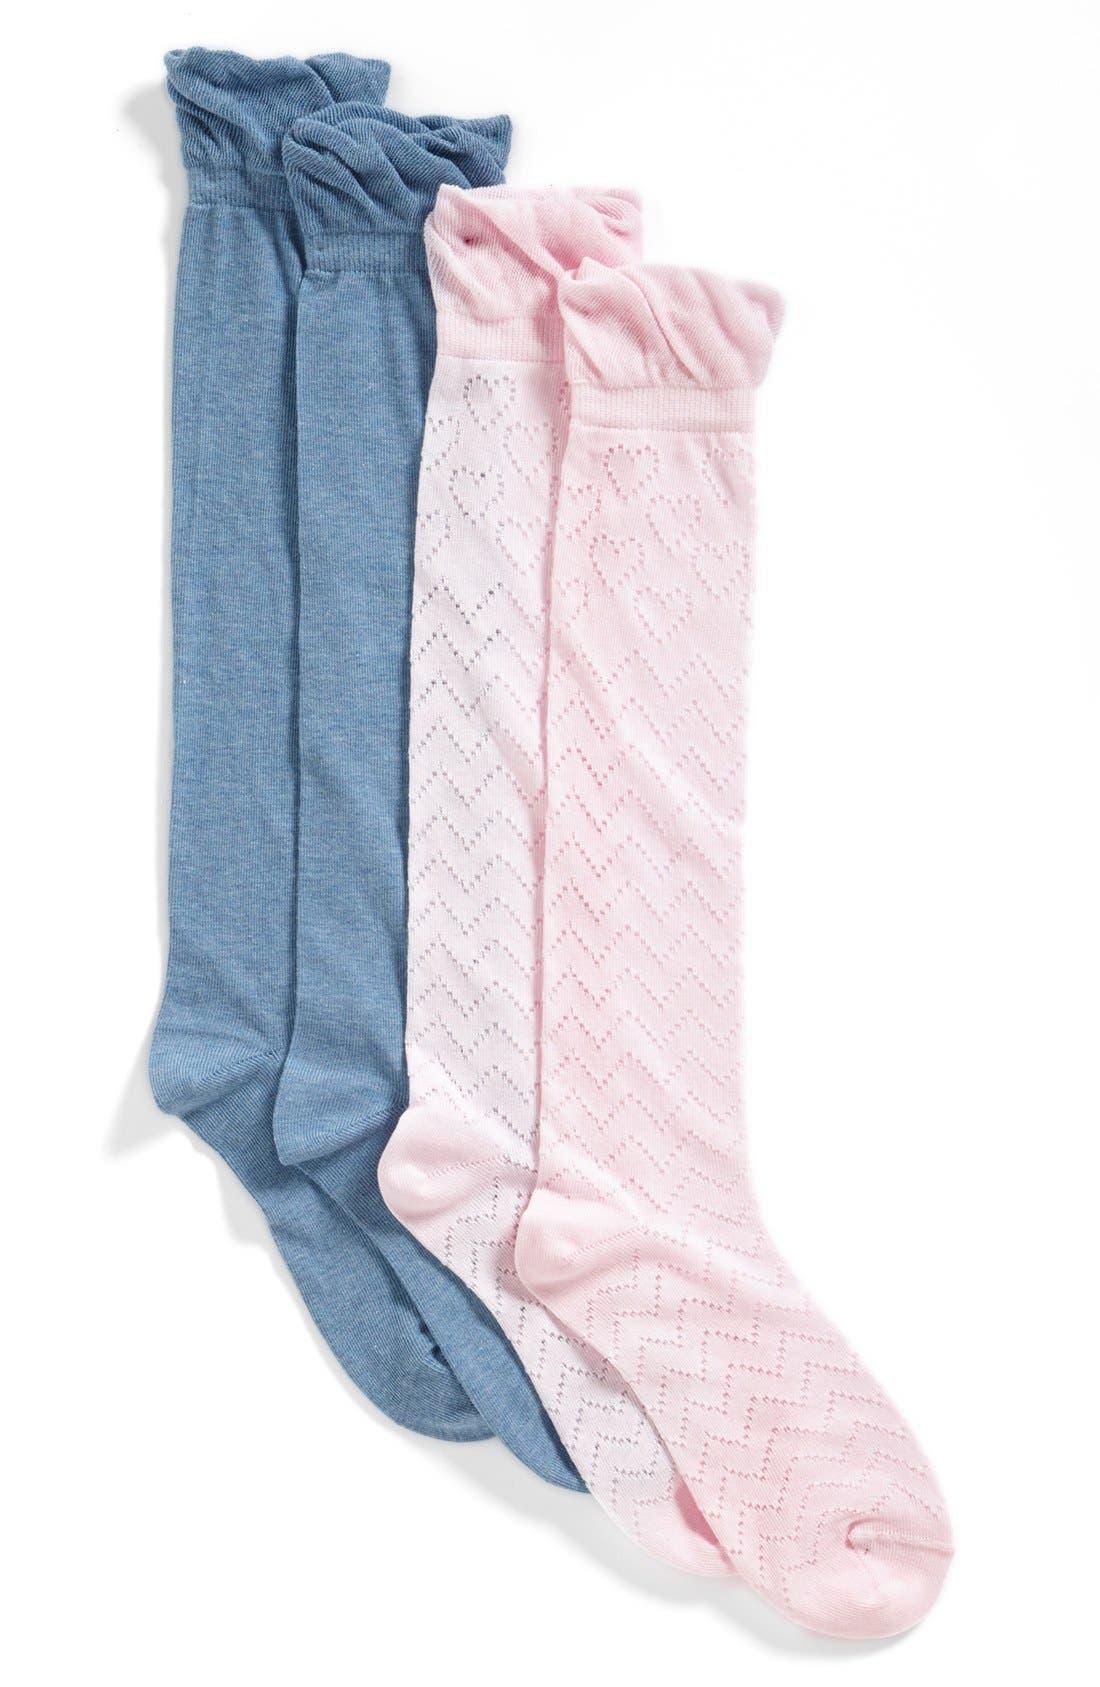 Main Image - Nordstrom 'Pointelle Toppers' Knee Socks (2-Pack) (Little Girls)